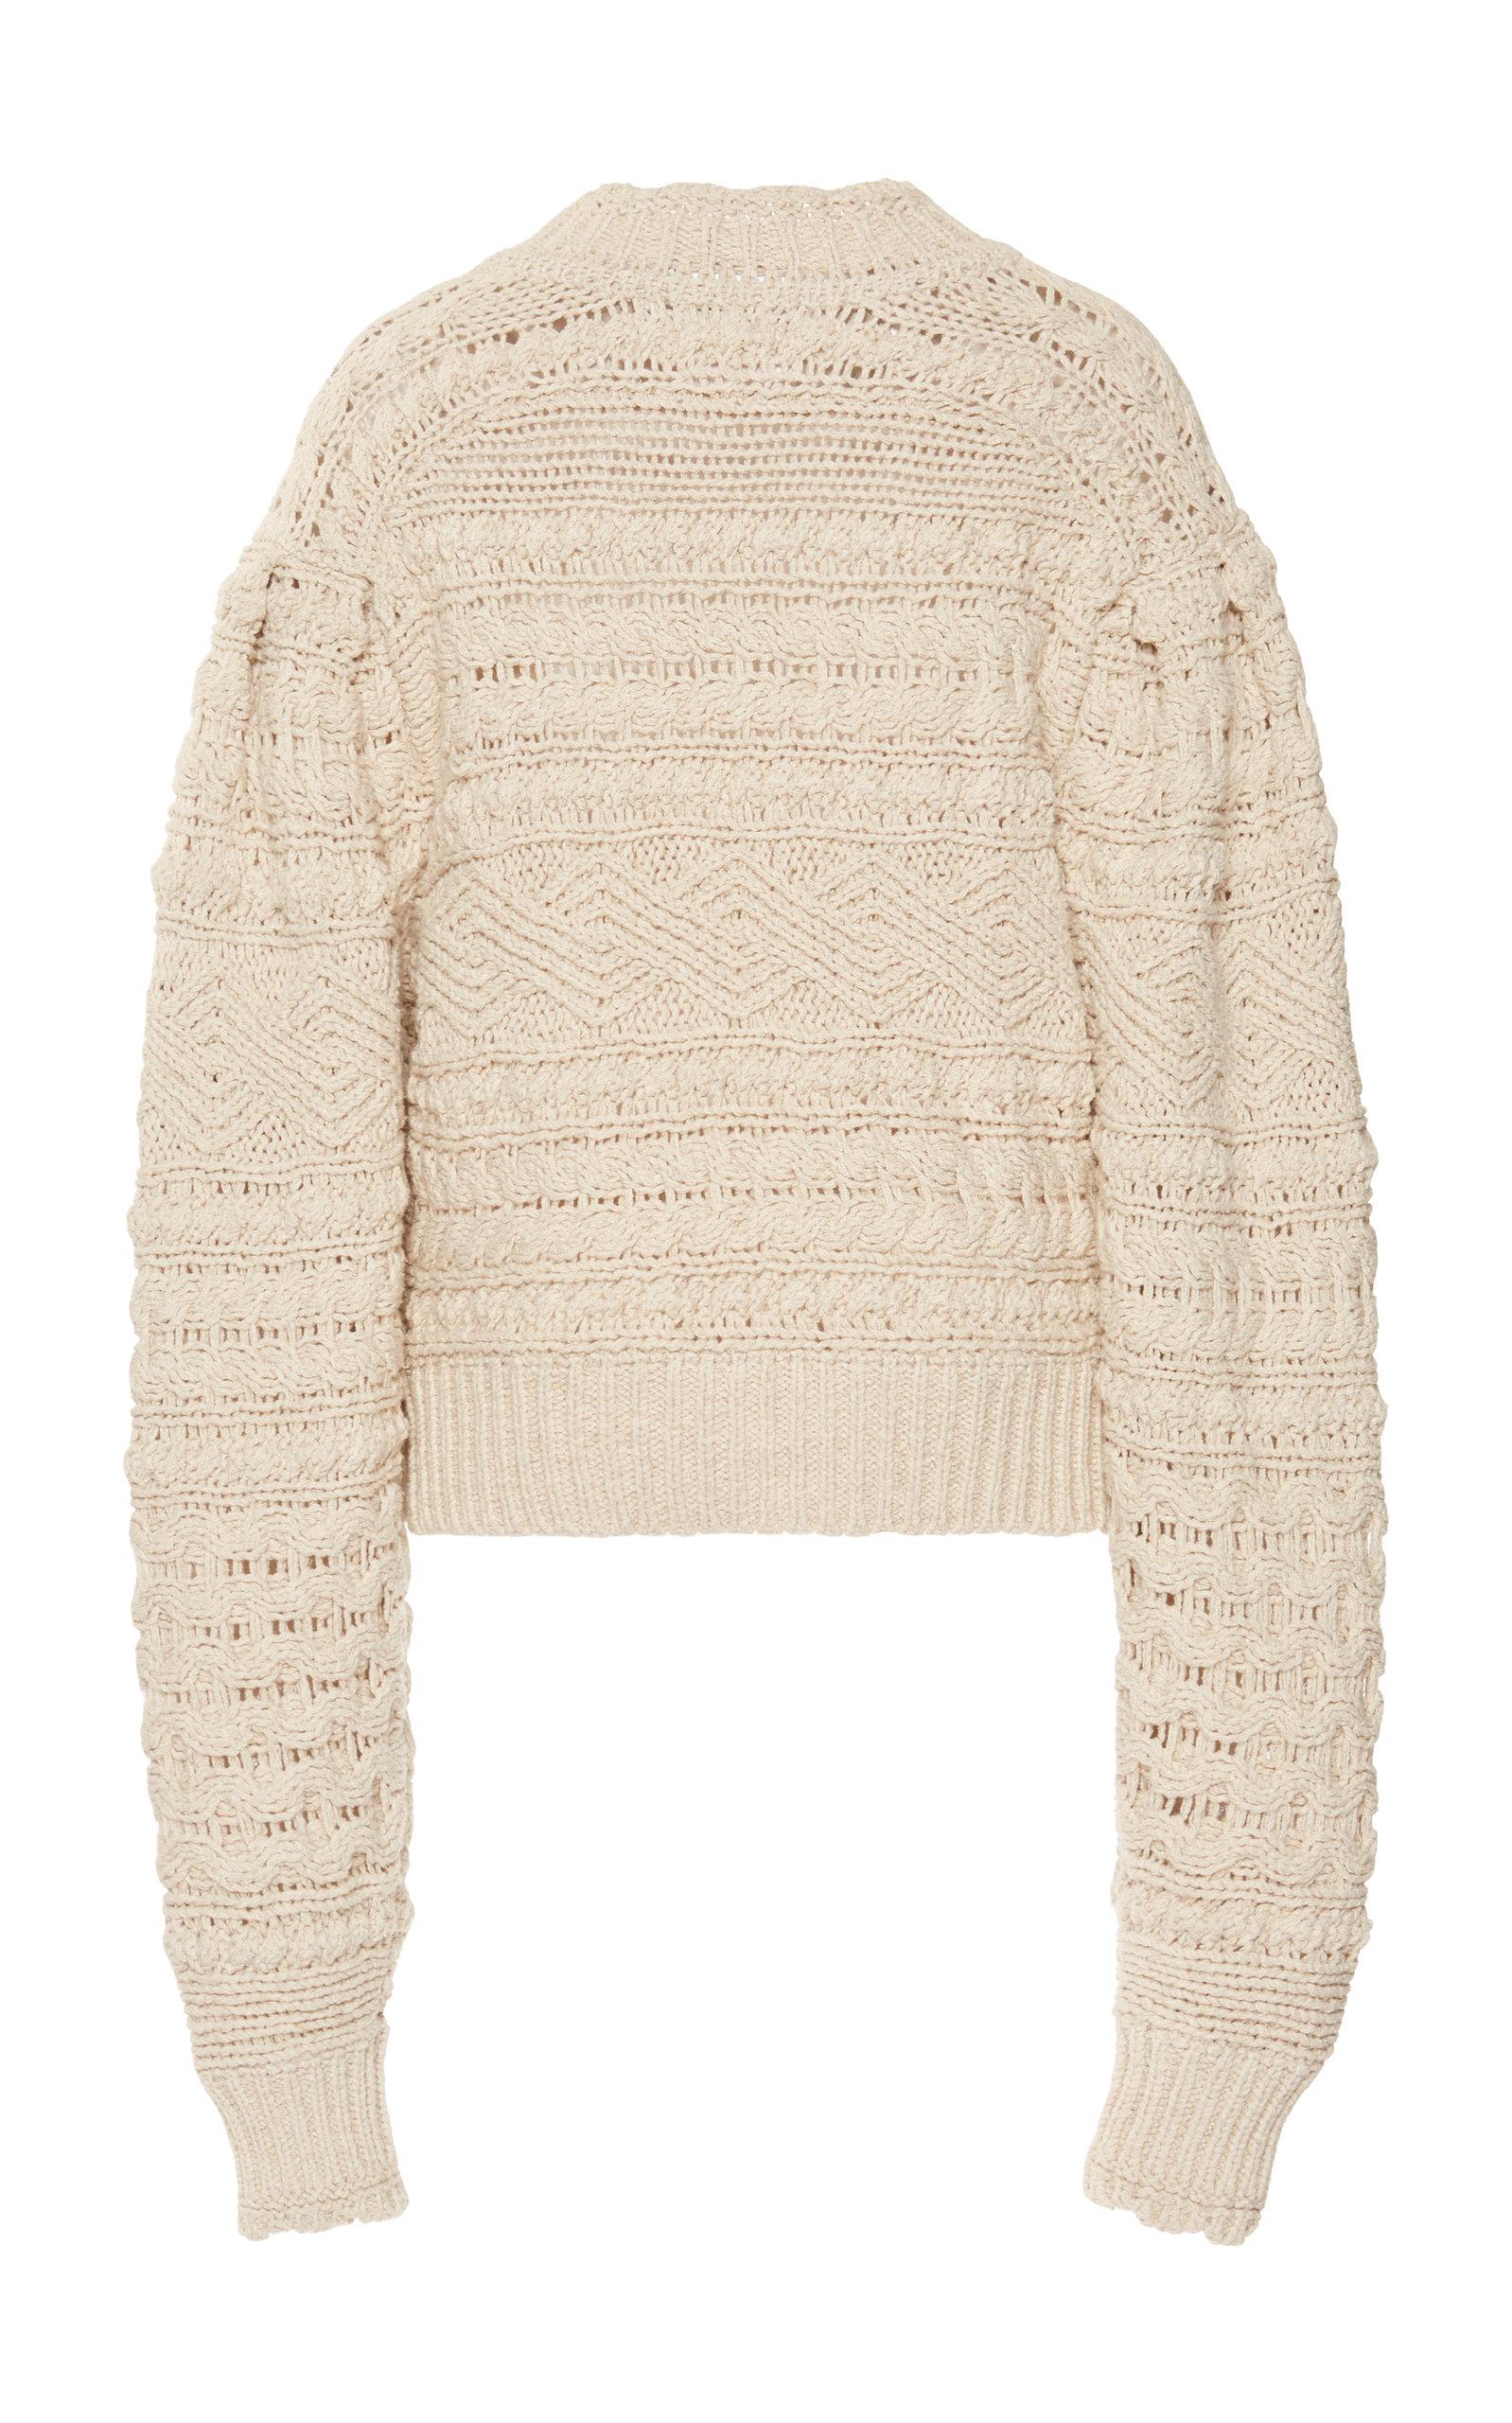 c626a2d49e Mao Cable Cotton-Linen Blend Sweater